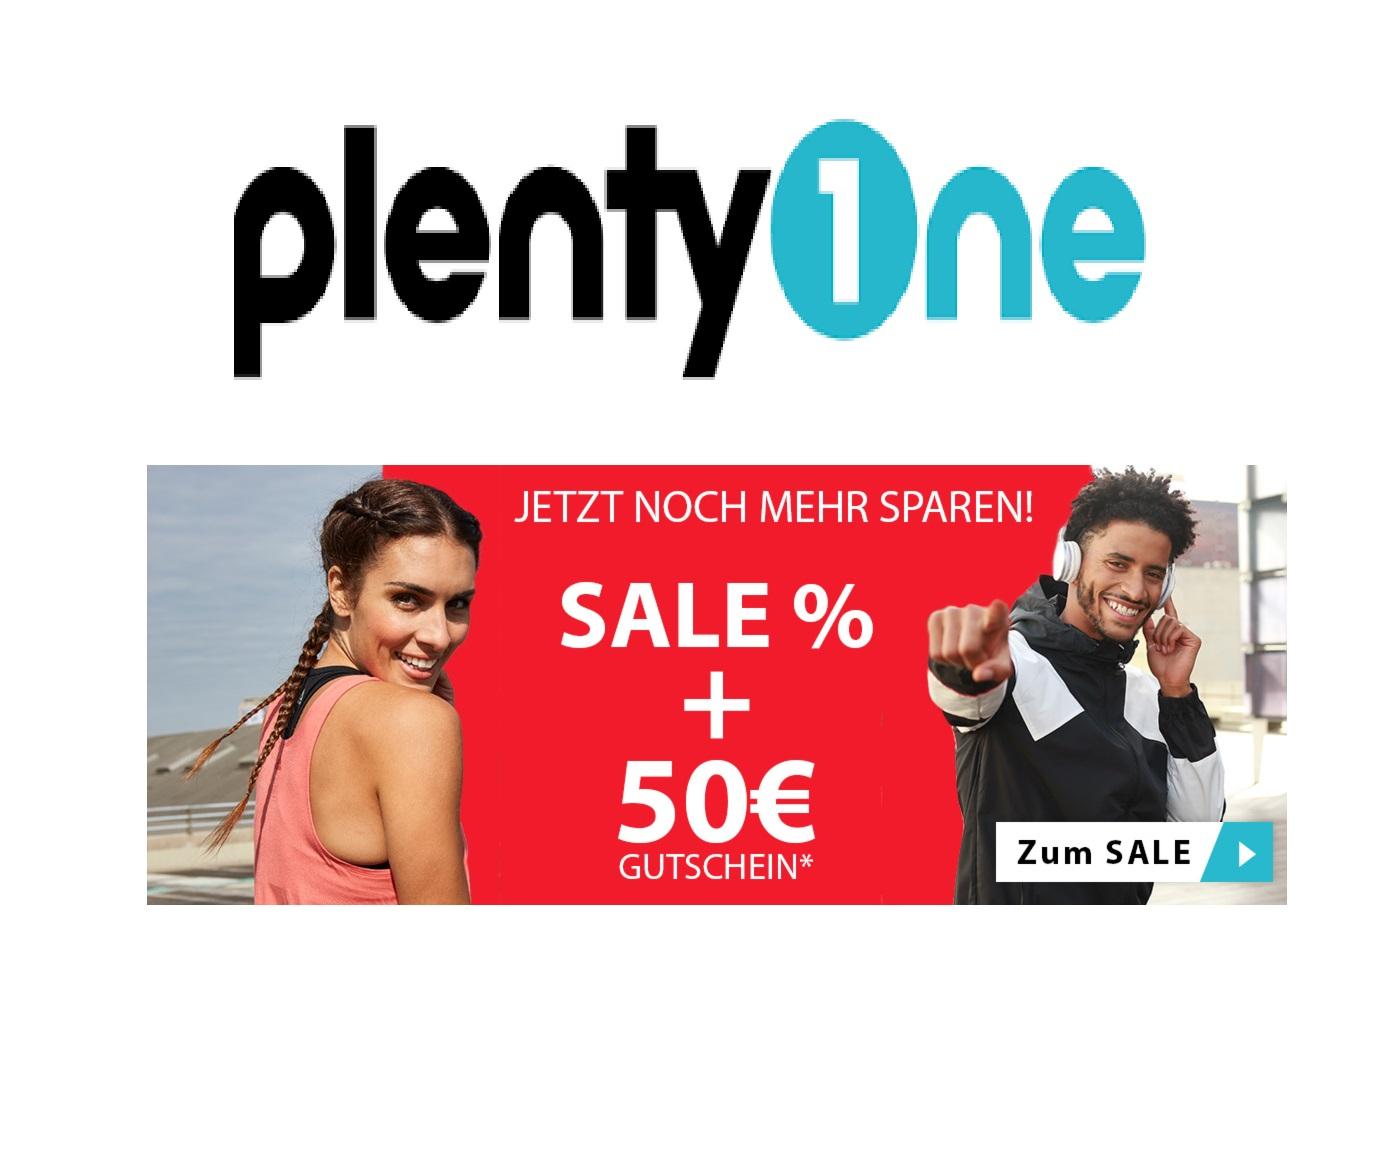 Jetzt bei plentyOne: 50,-€ Gutschein auf (fast) alles - Auch im Sale! (ab 200,-€ MBW)